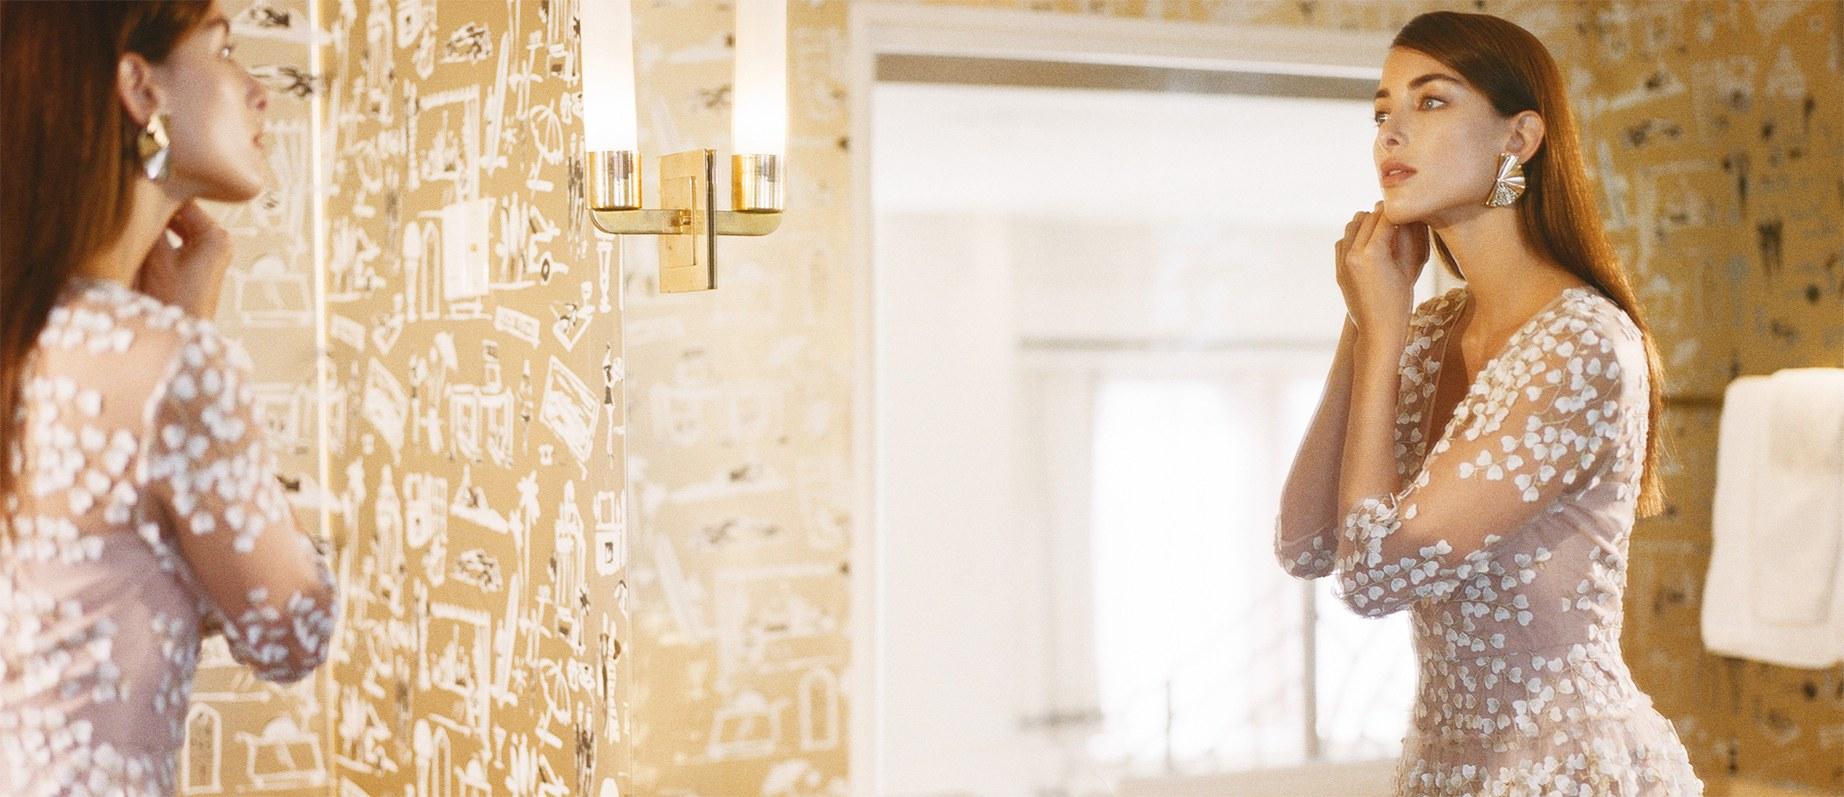 Bentuk Model Gamis Pernikahan 3id6 Women S Dresses Gowns and Designer Clothing Shop Line